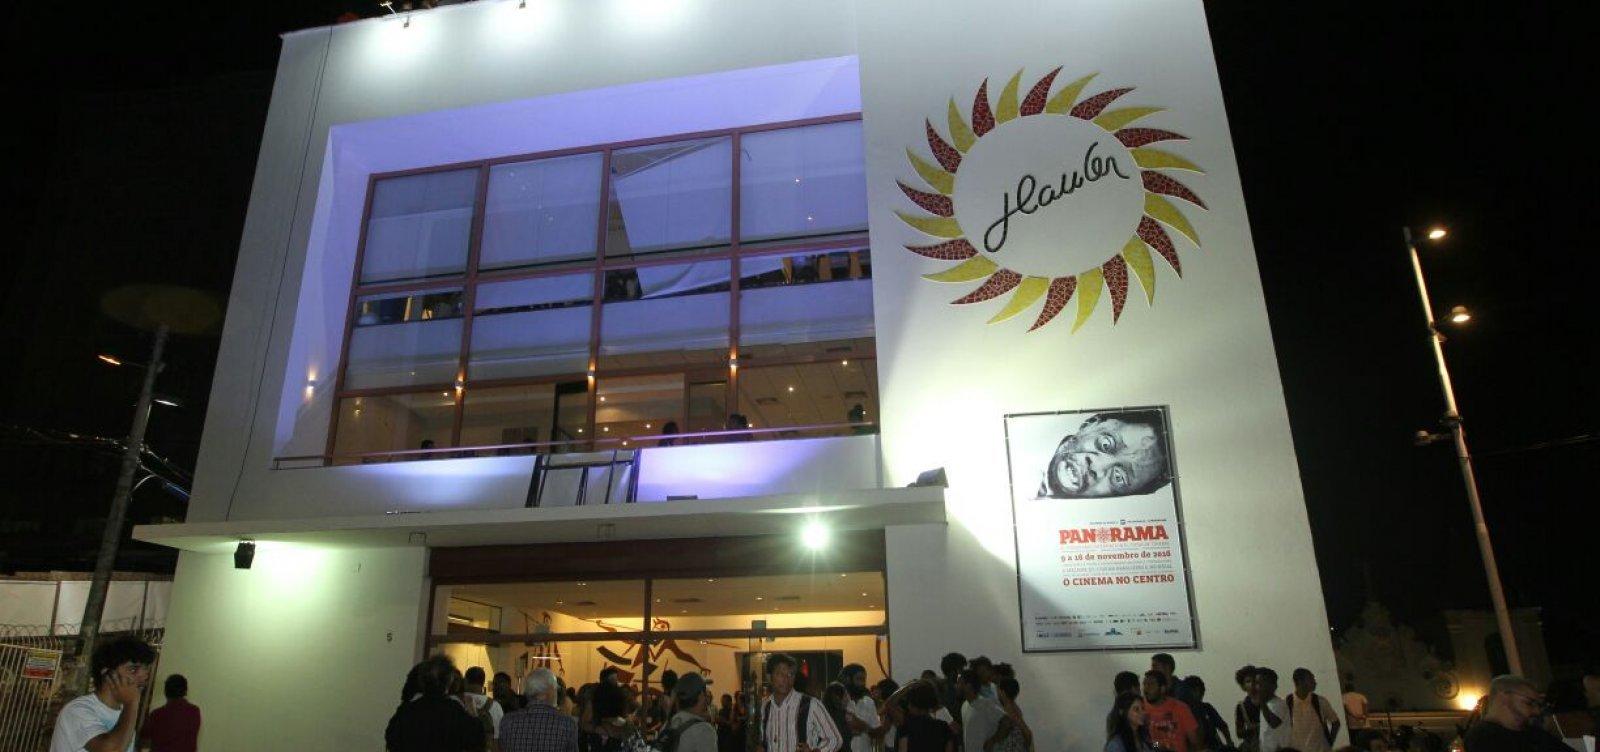 Encerramento do Cine Glauber Rocha pode provocar fechamento de novas salas, avalia pesquisador